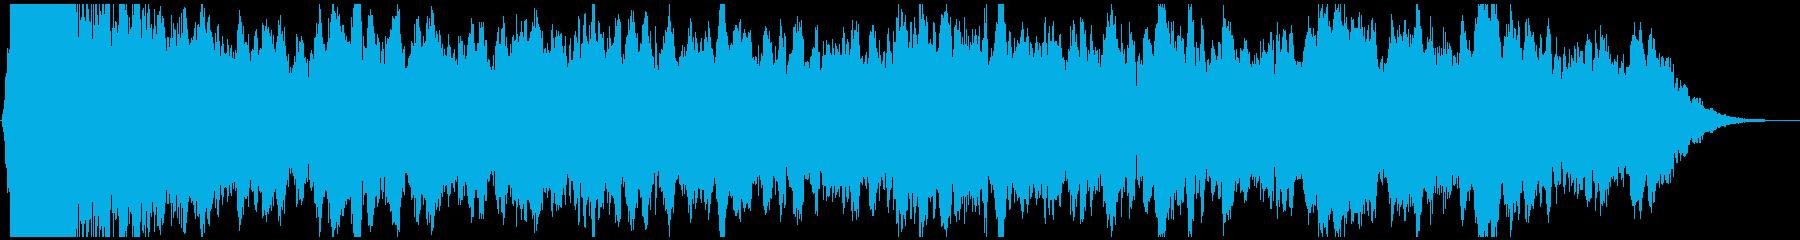 PADS 不安定なウィンドチャイム01の再生済みの波形